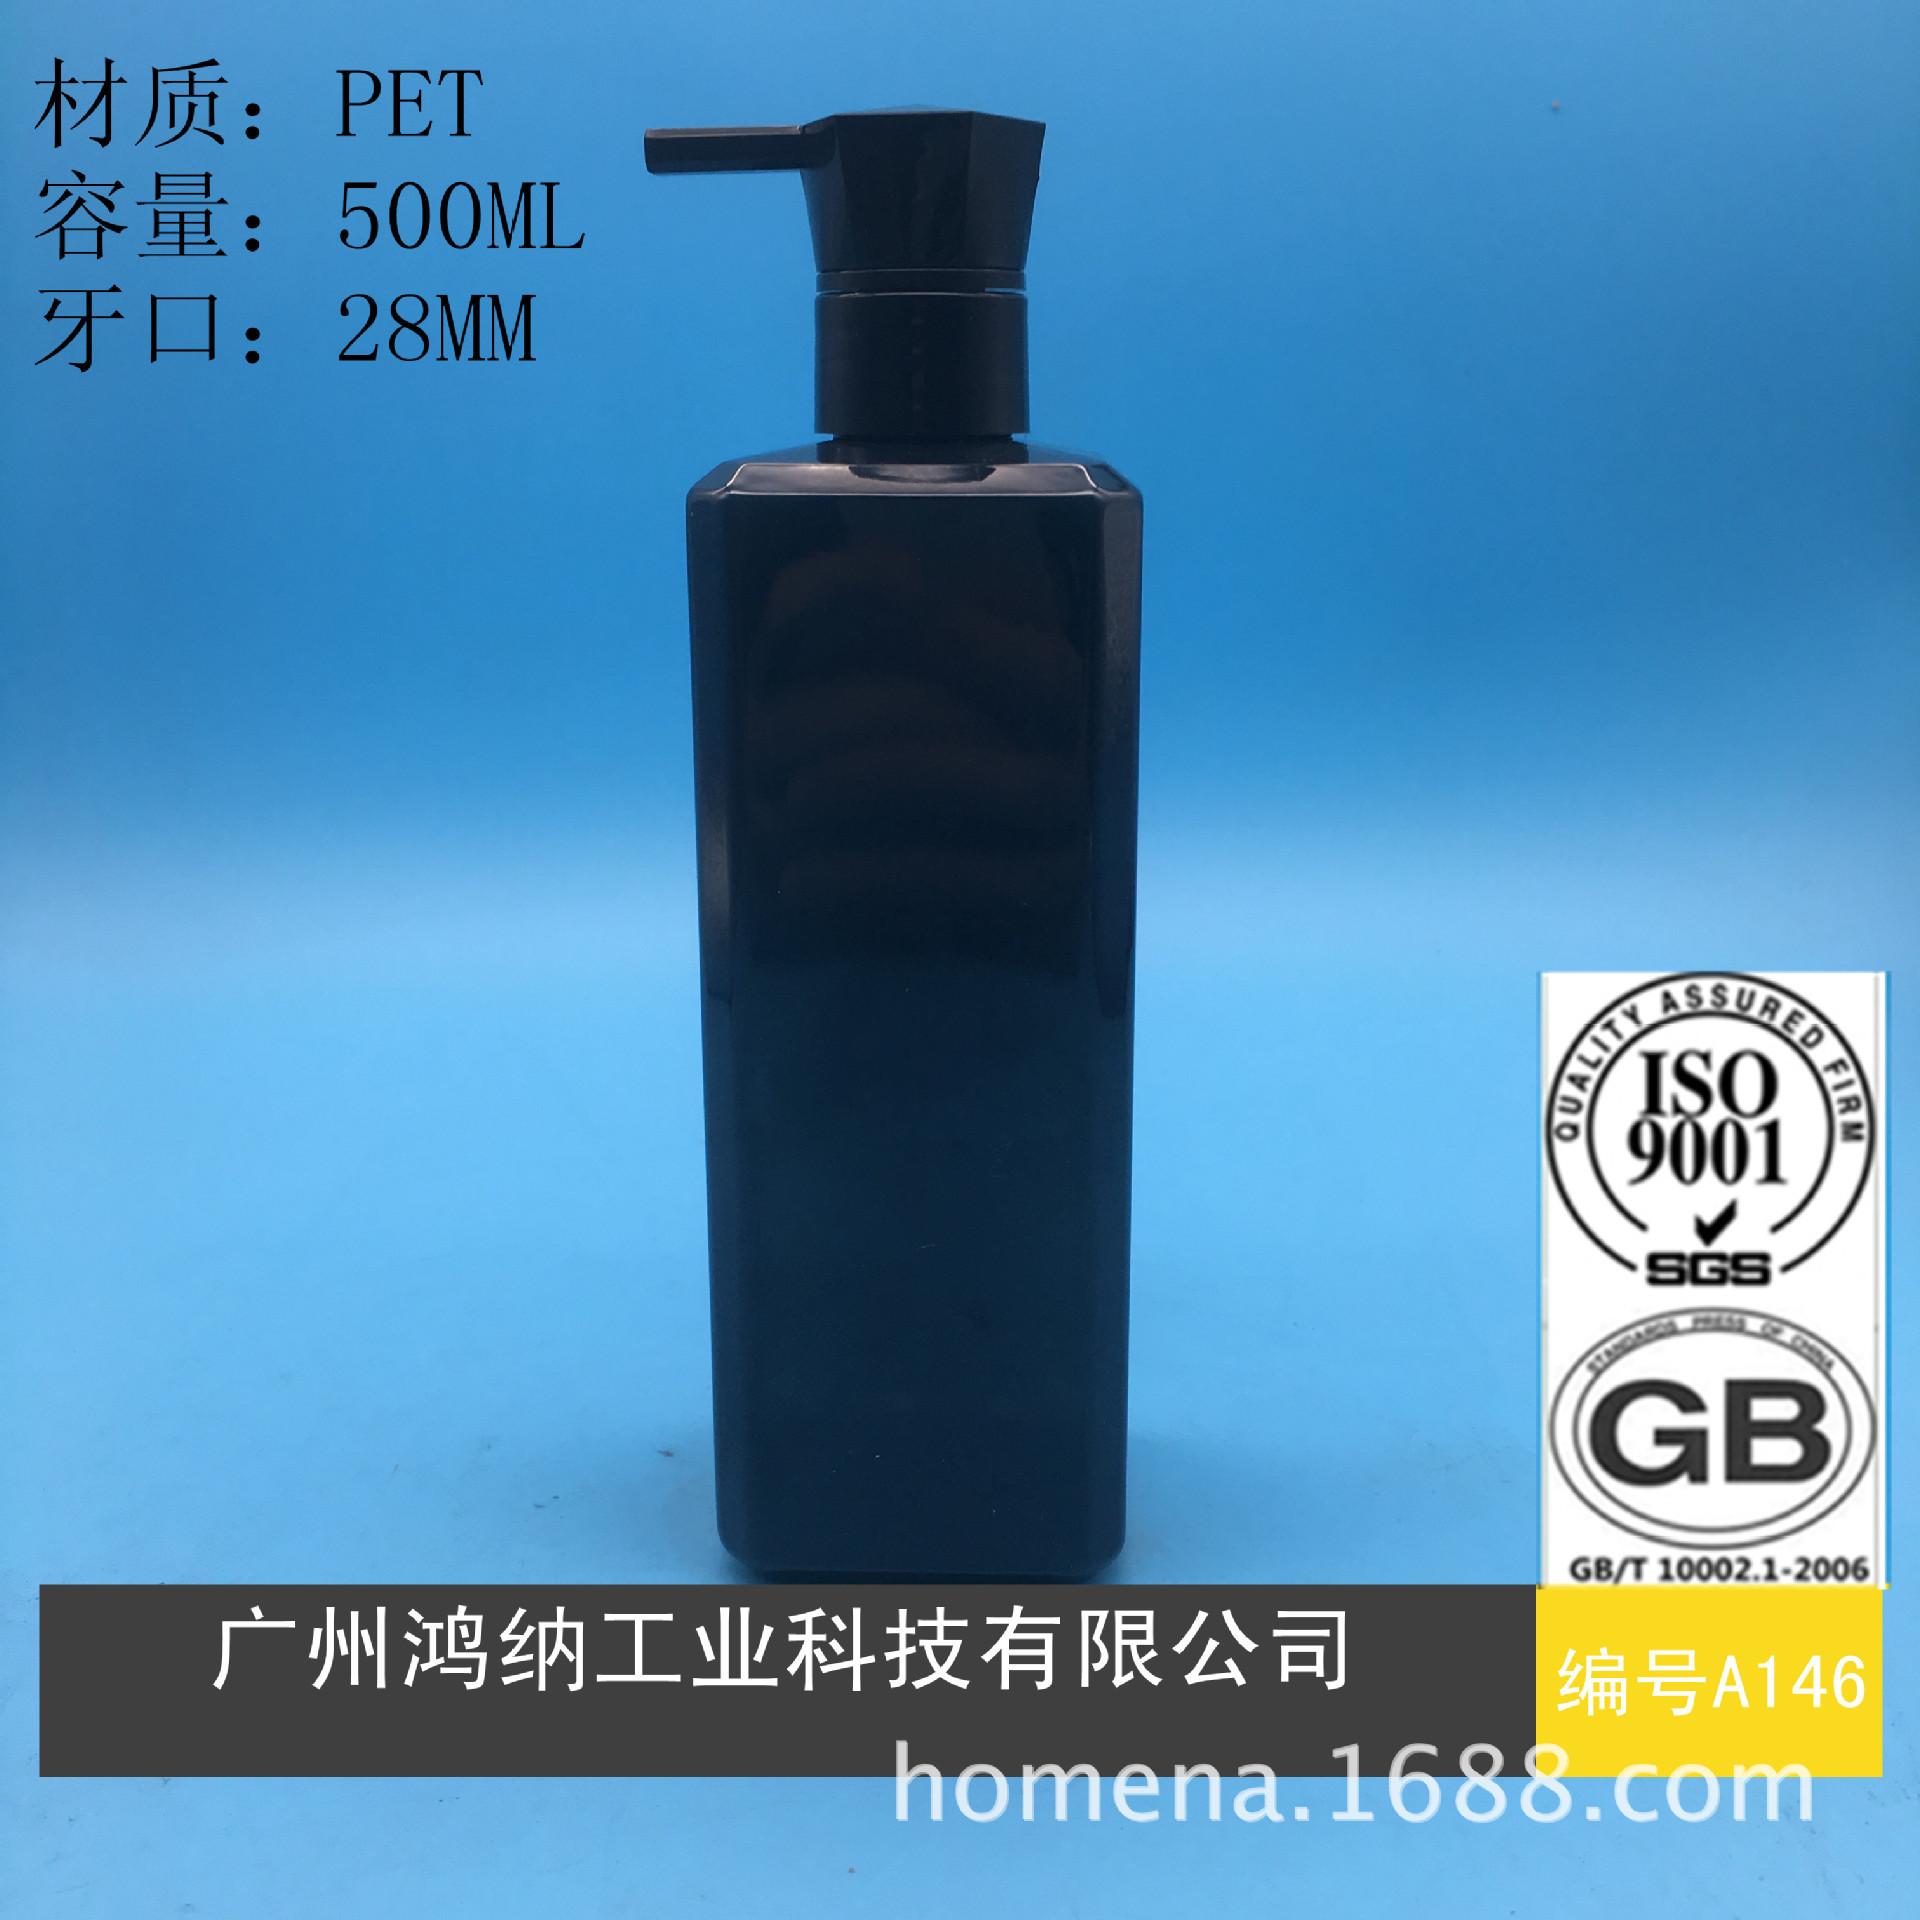 【厂家直销】黑色高档方形500ML沐浴露日化洗发水塑料包装瓶 桶